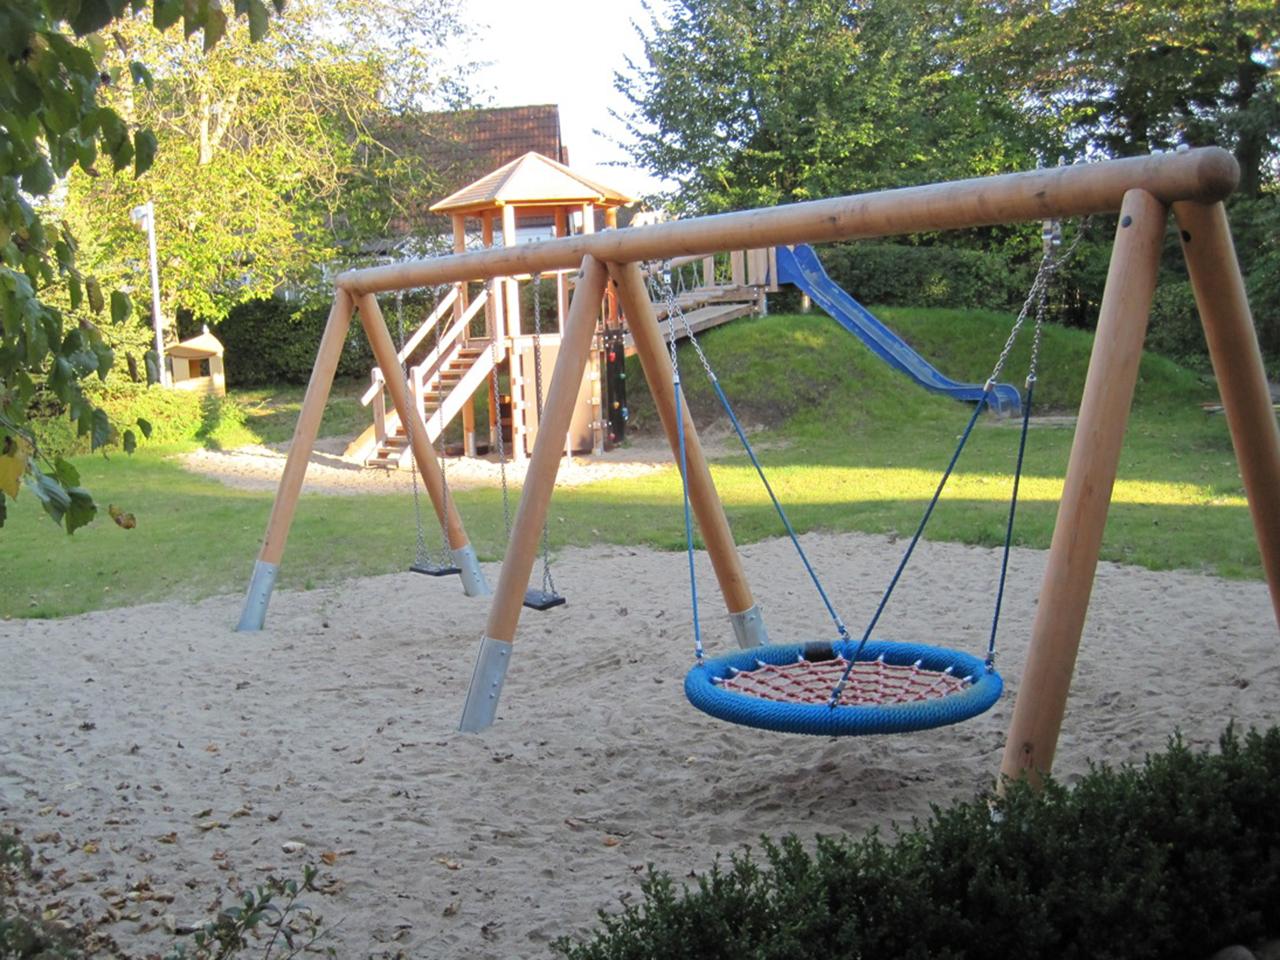 Mo-KindergartenSpielplatz1-10-2011